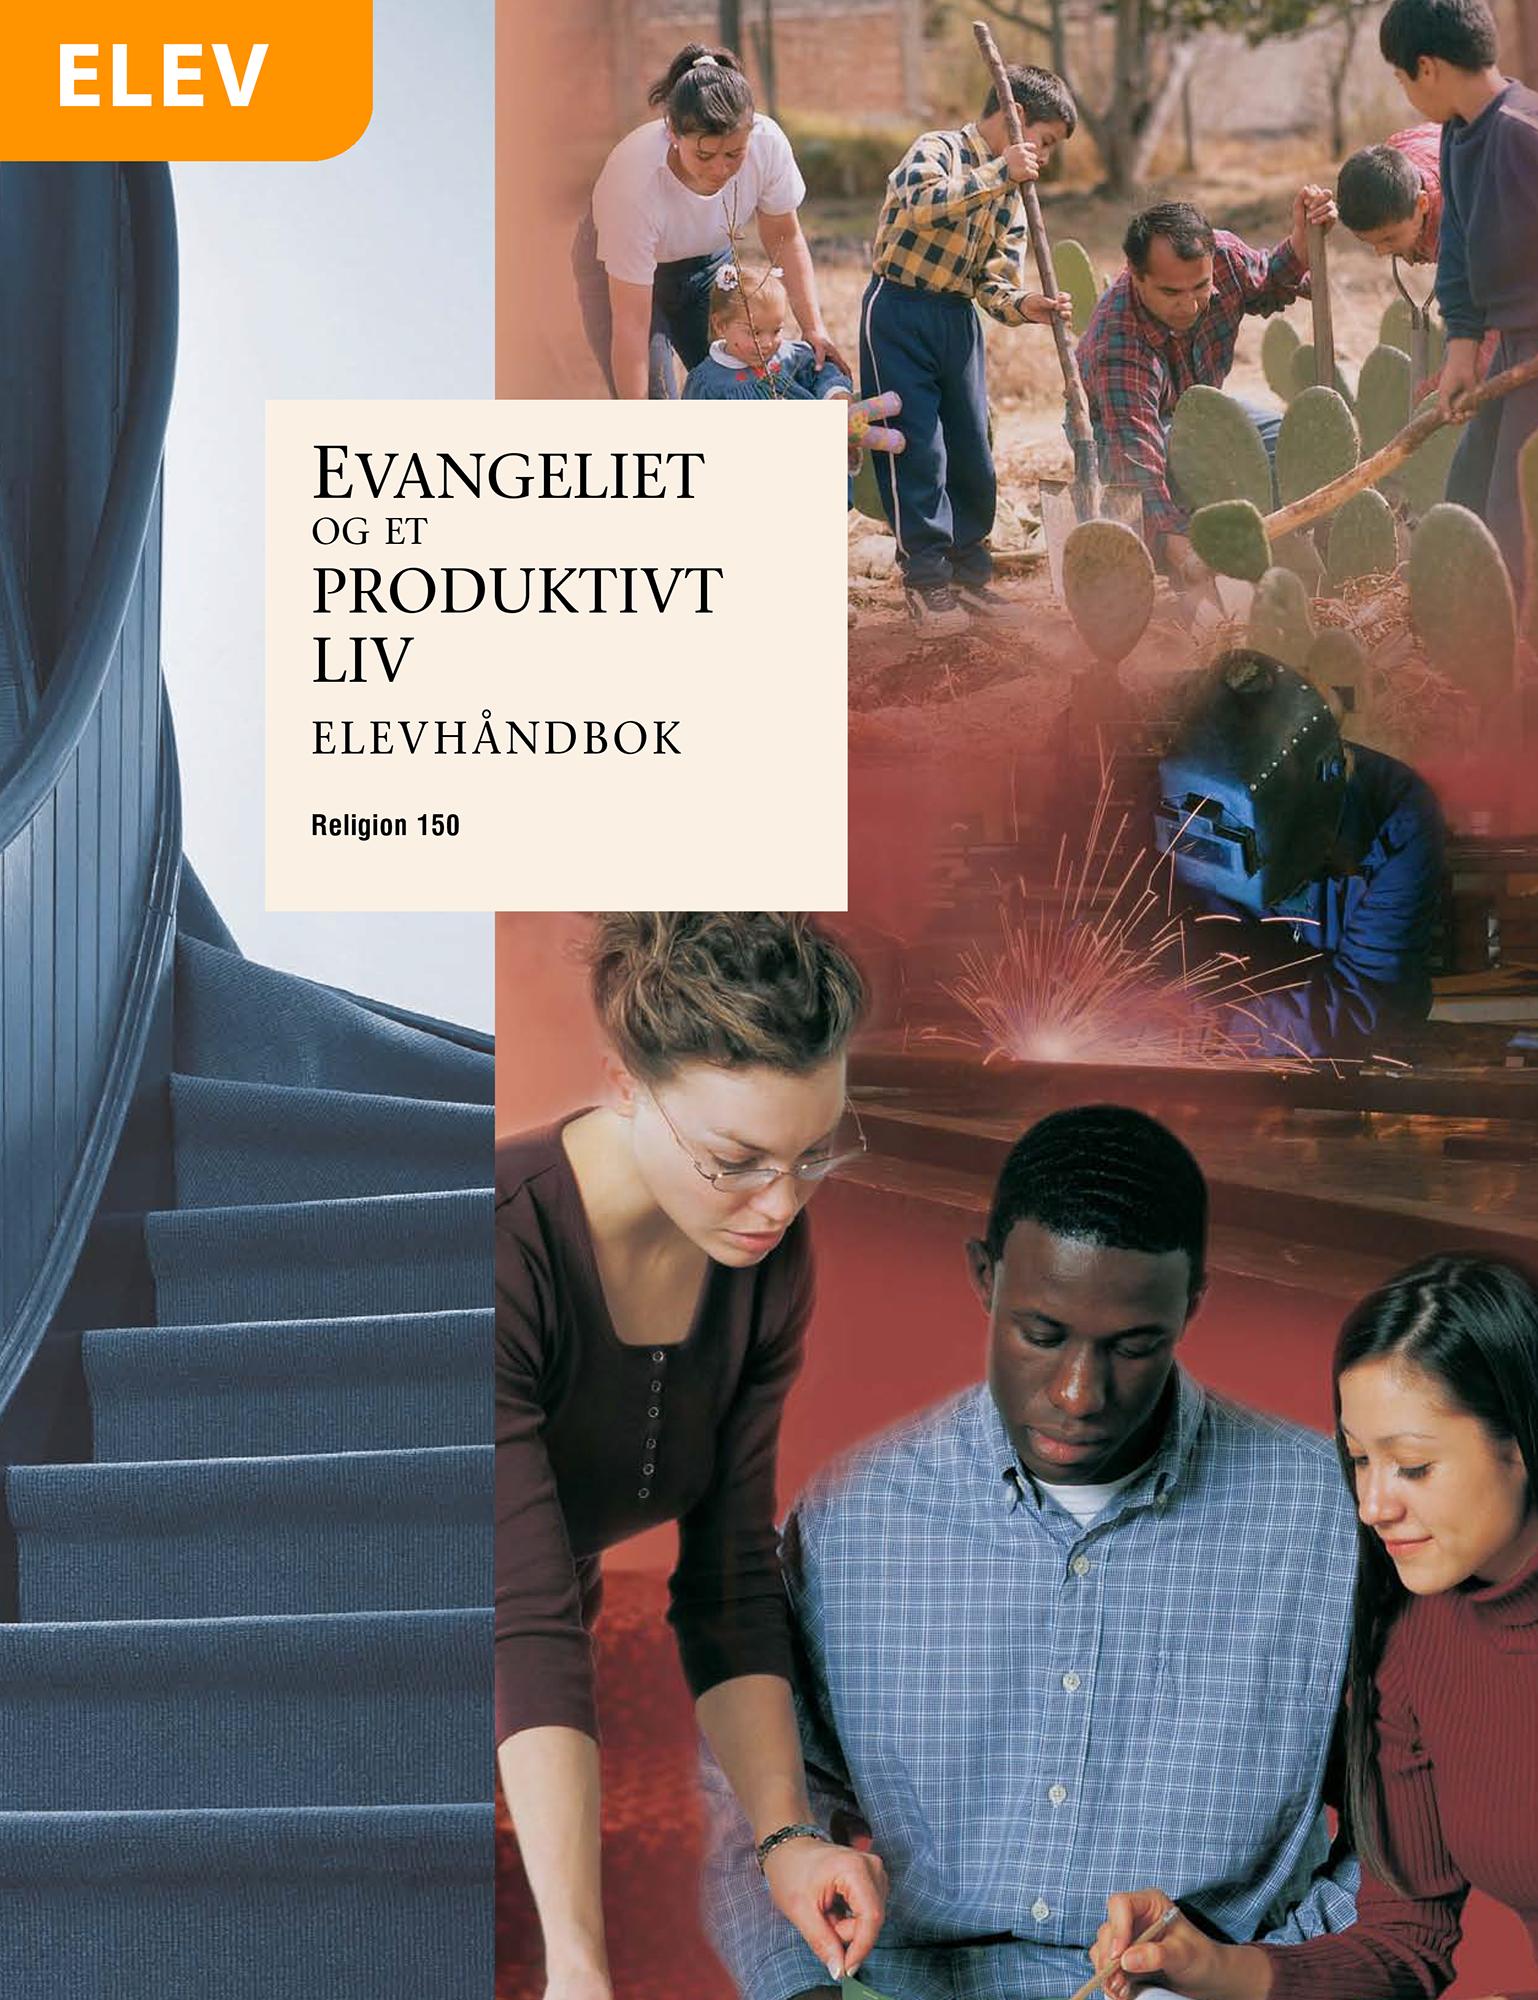 Evangeliet og et produktivt liv – Elevhåndbok (Religion 150)